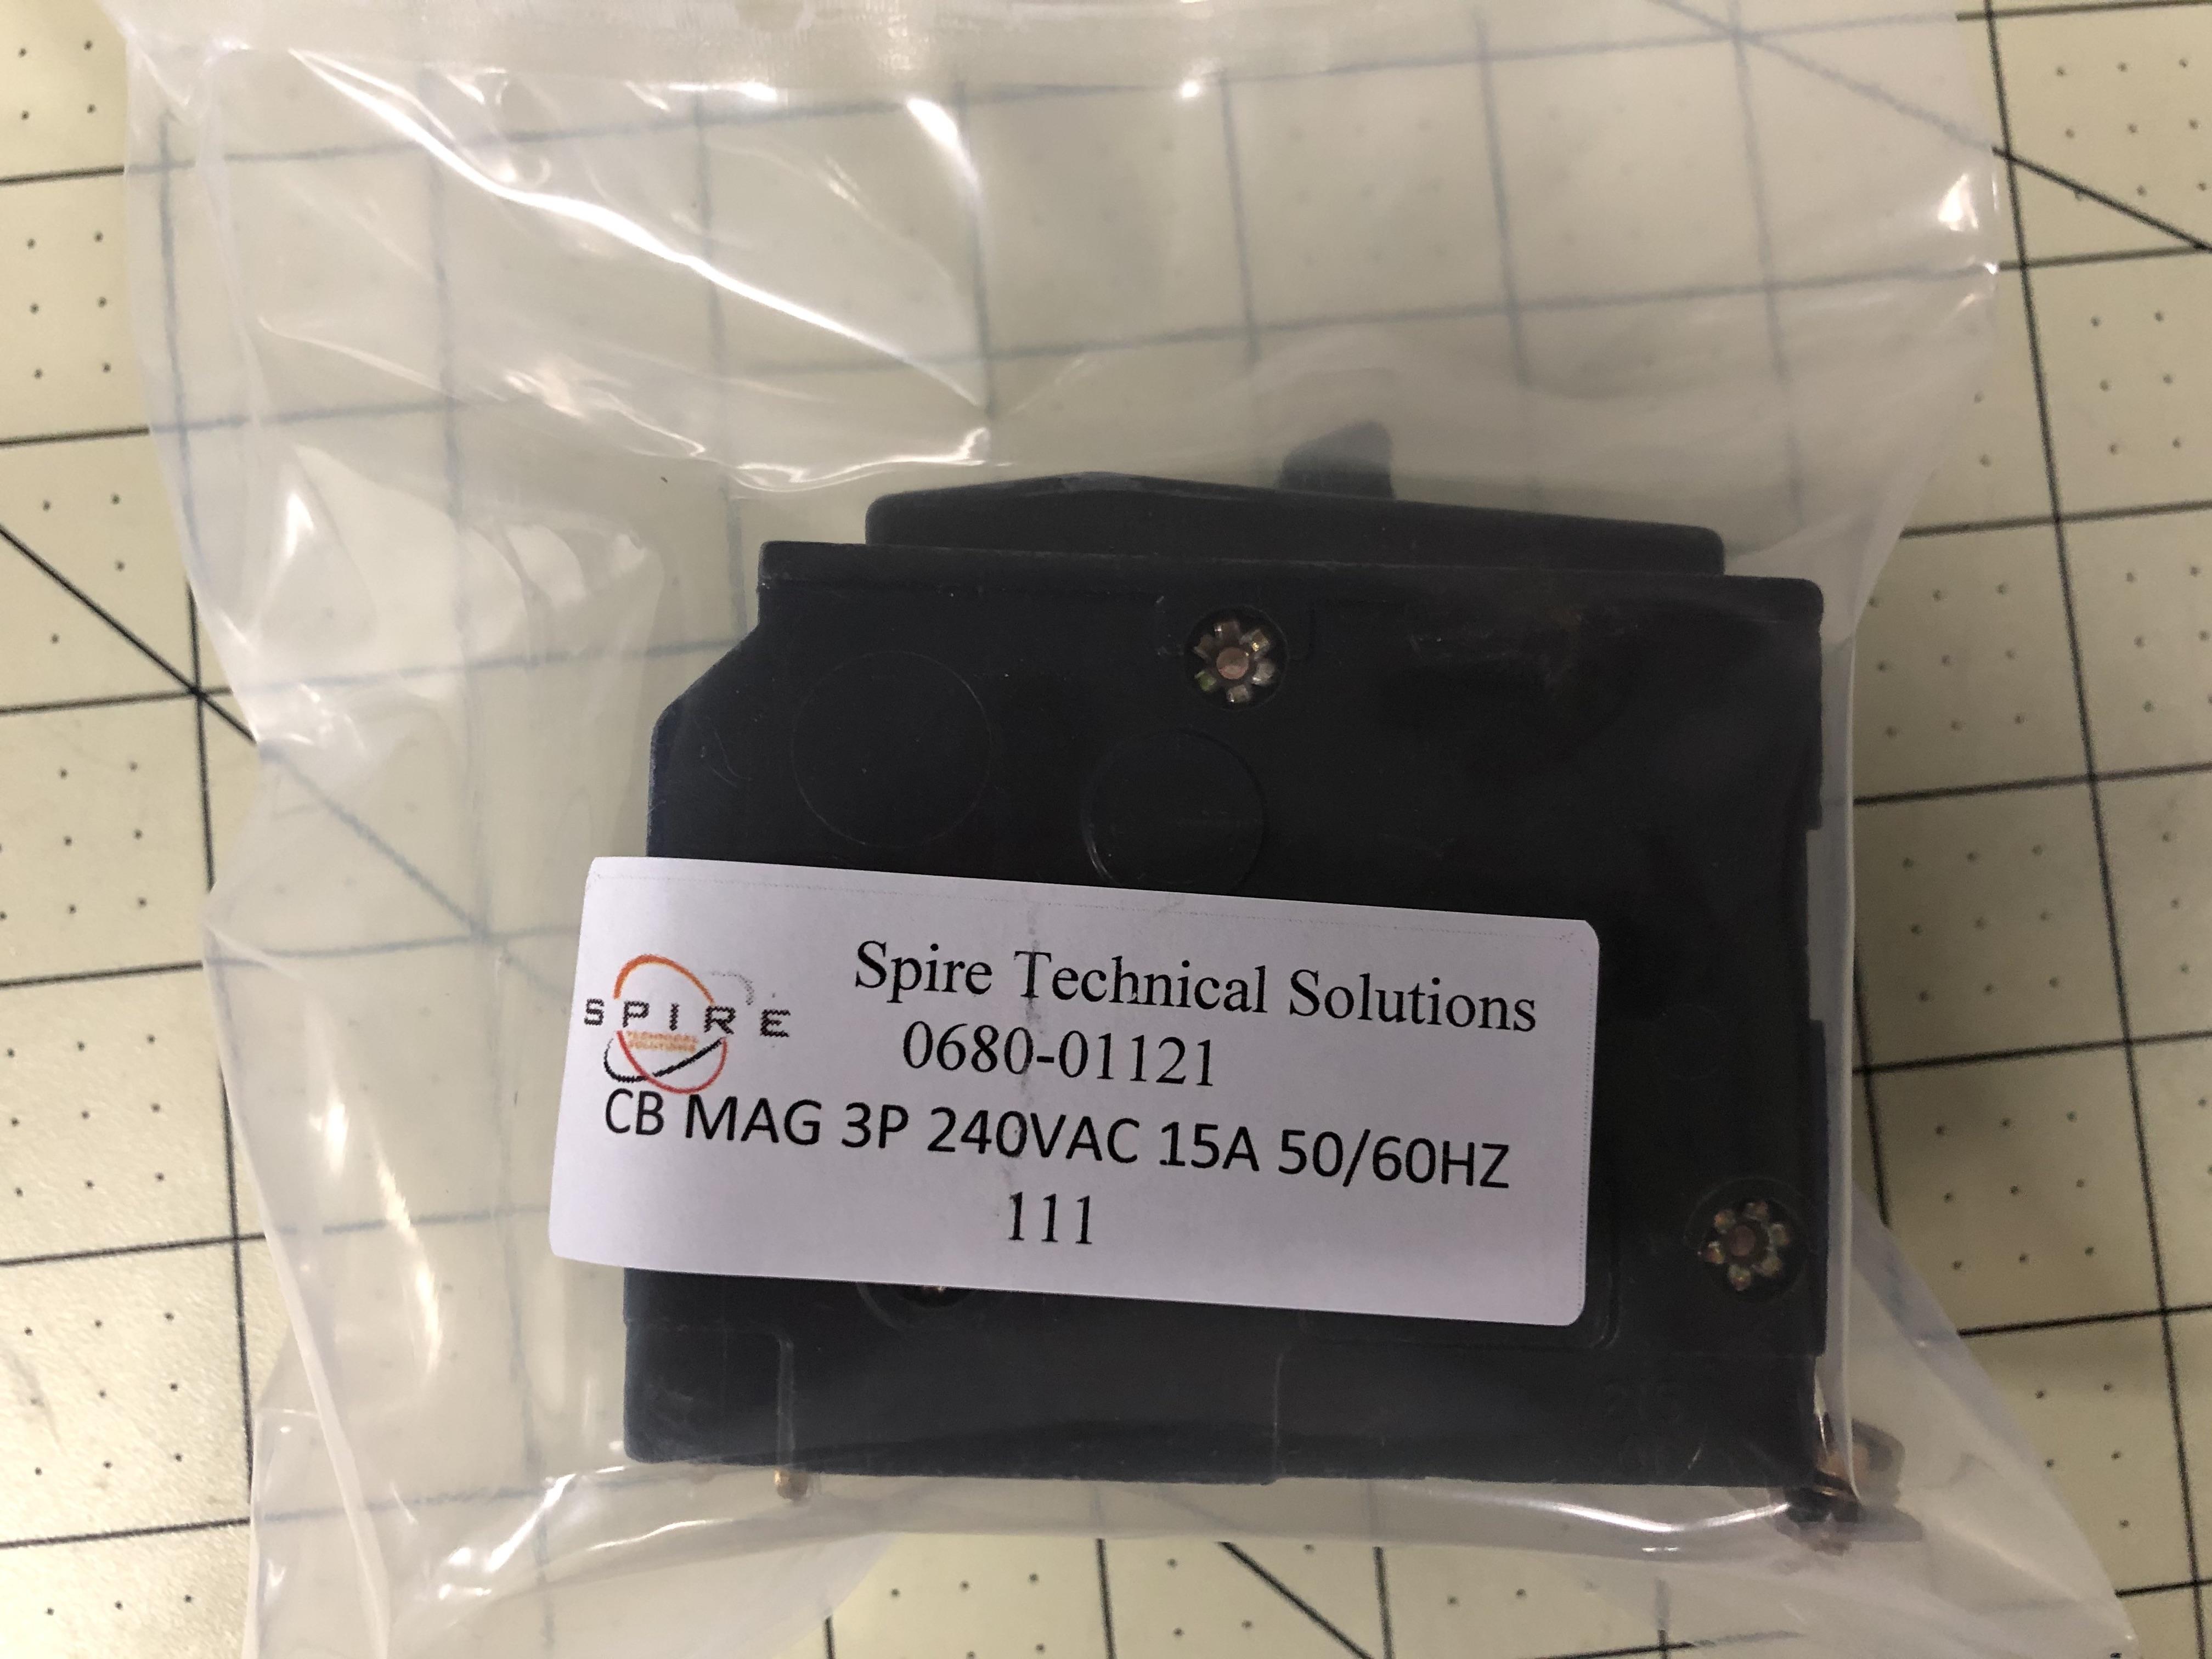 CB MAG 3P 240VAC 15A 50/60HZ